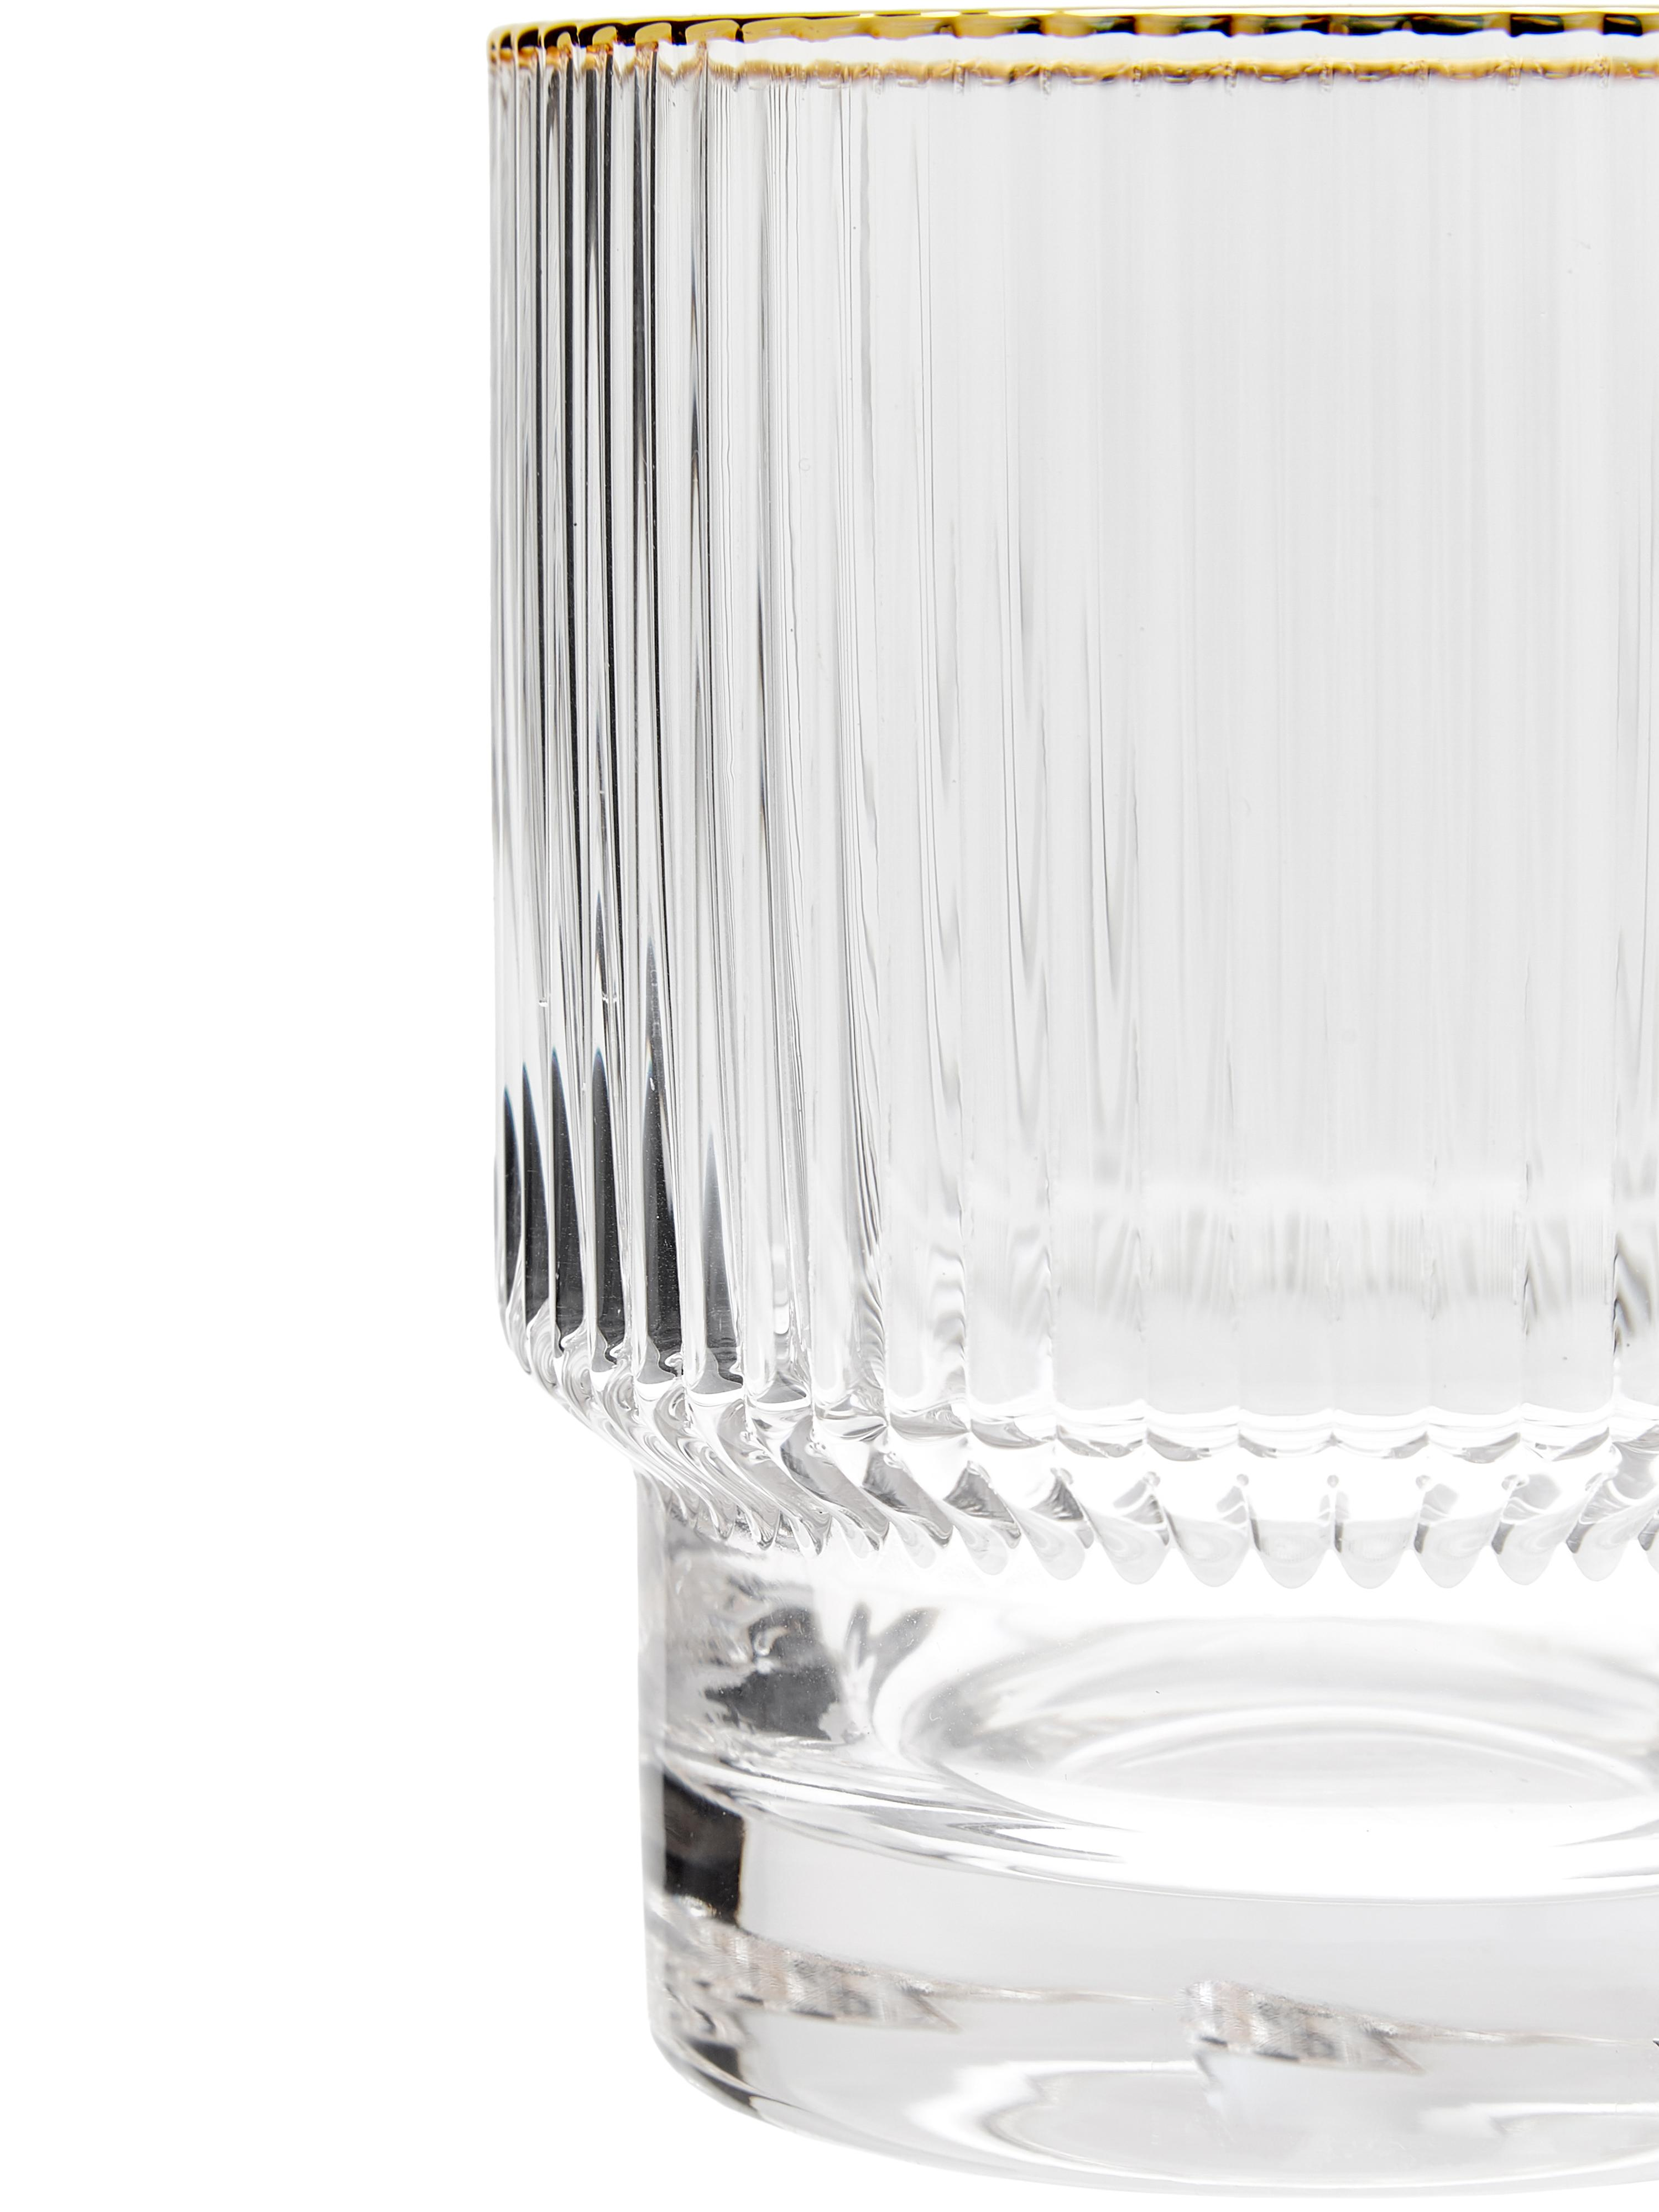 Bicchiere acqua con rilievo e bordo oro Minna 4pz, Bicchiere, Trasparente, dorato, Ø 8 x Alt. 10 cm